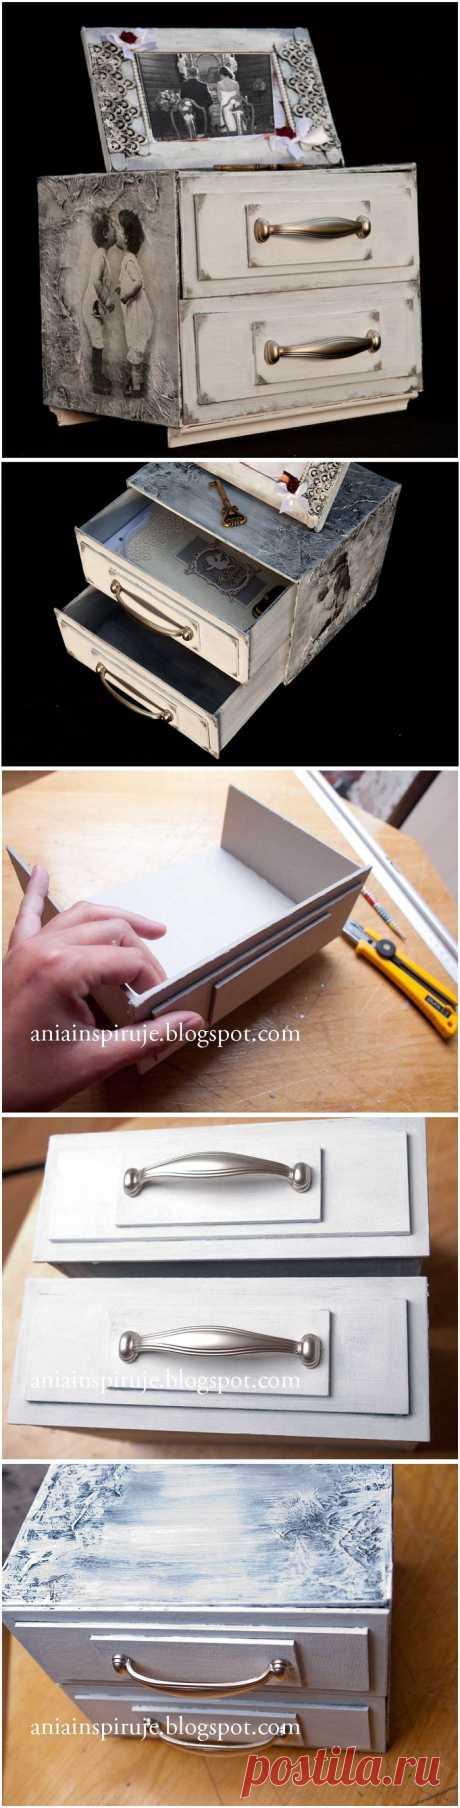 Комодик и рамочка для фотографий из картона. Мастер-класс.